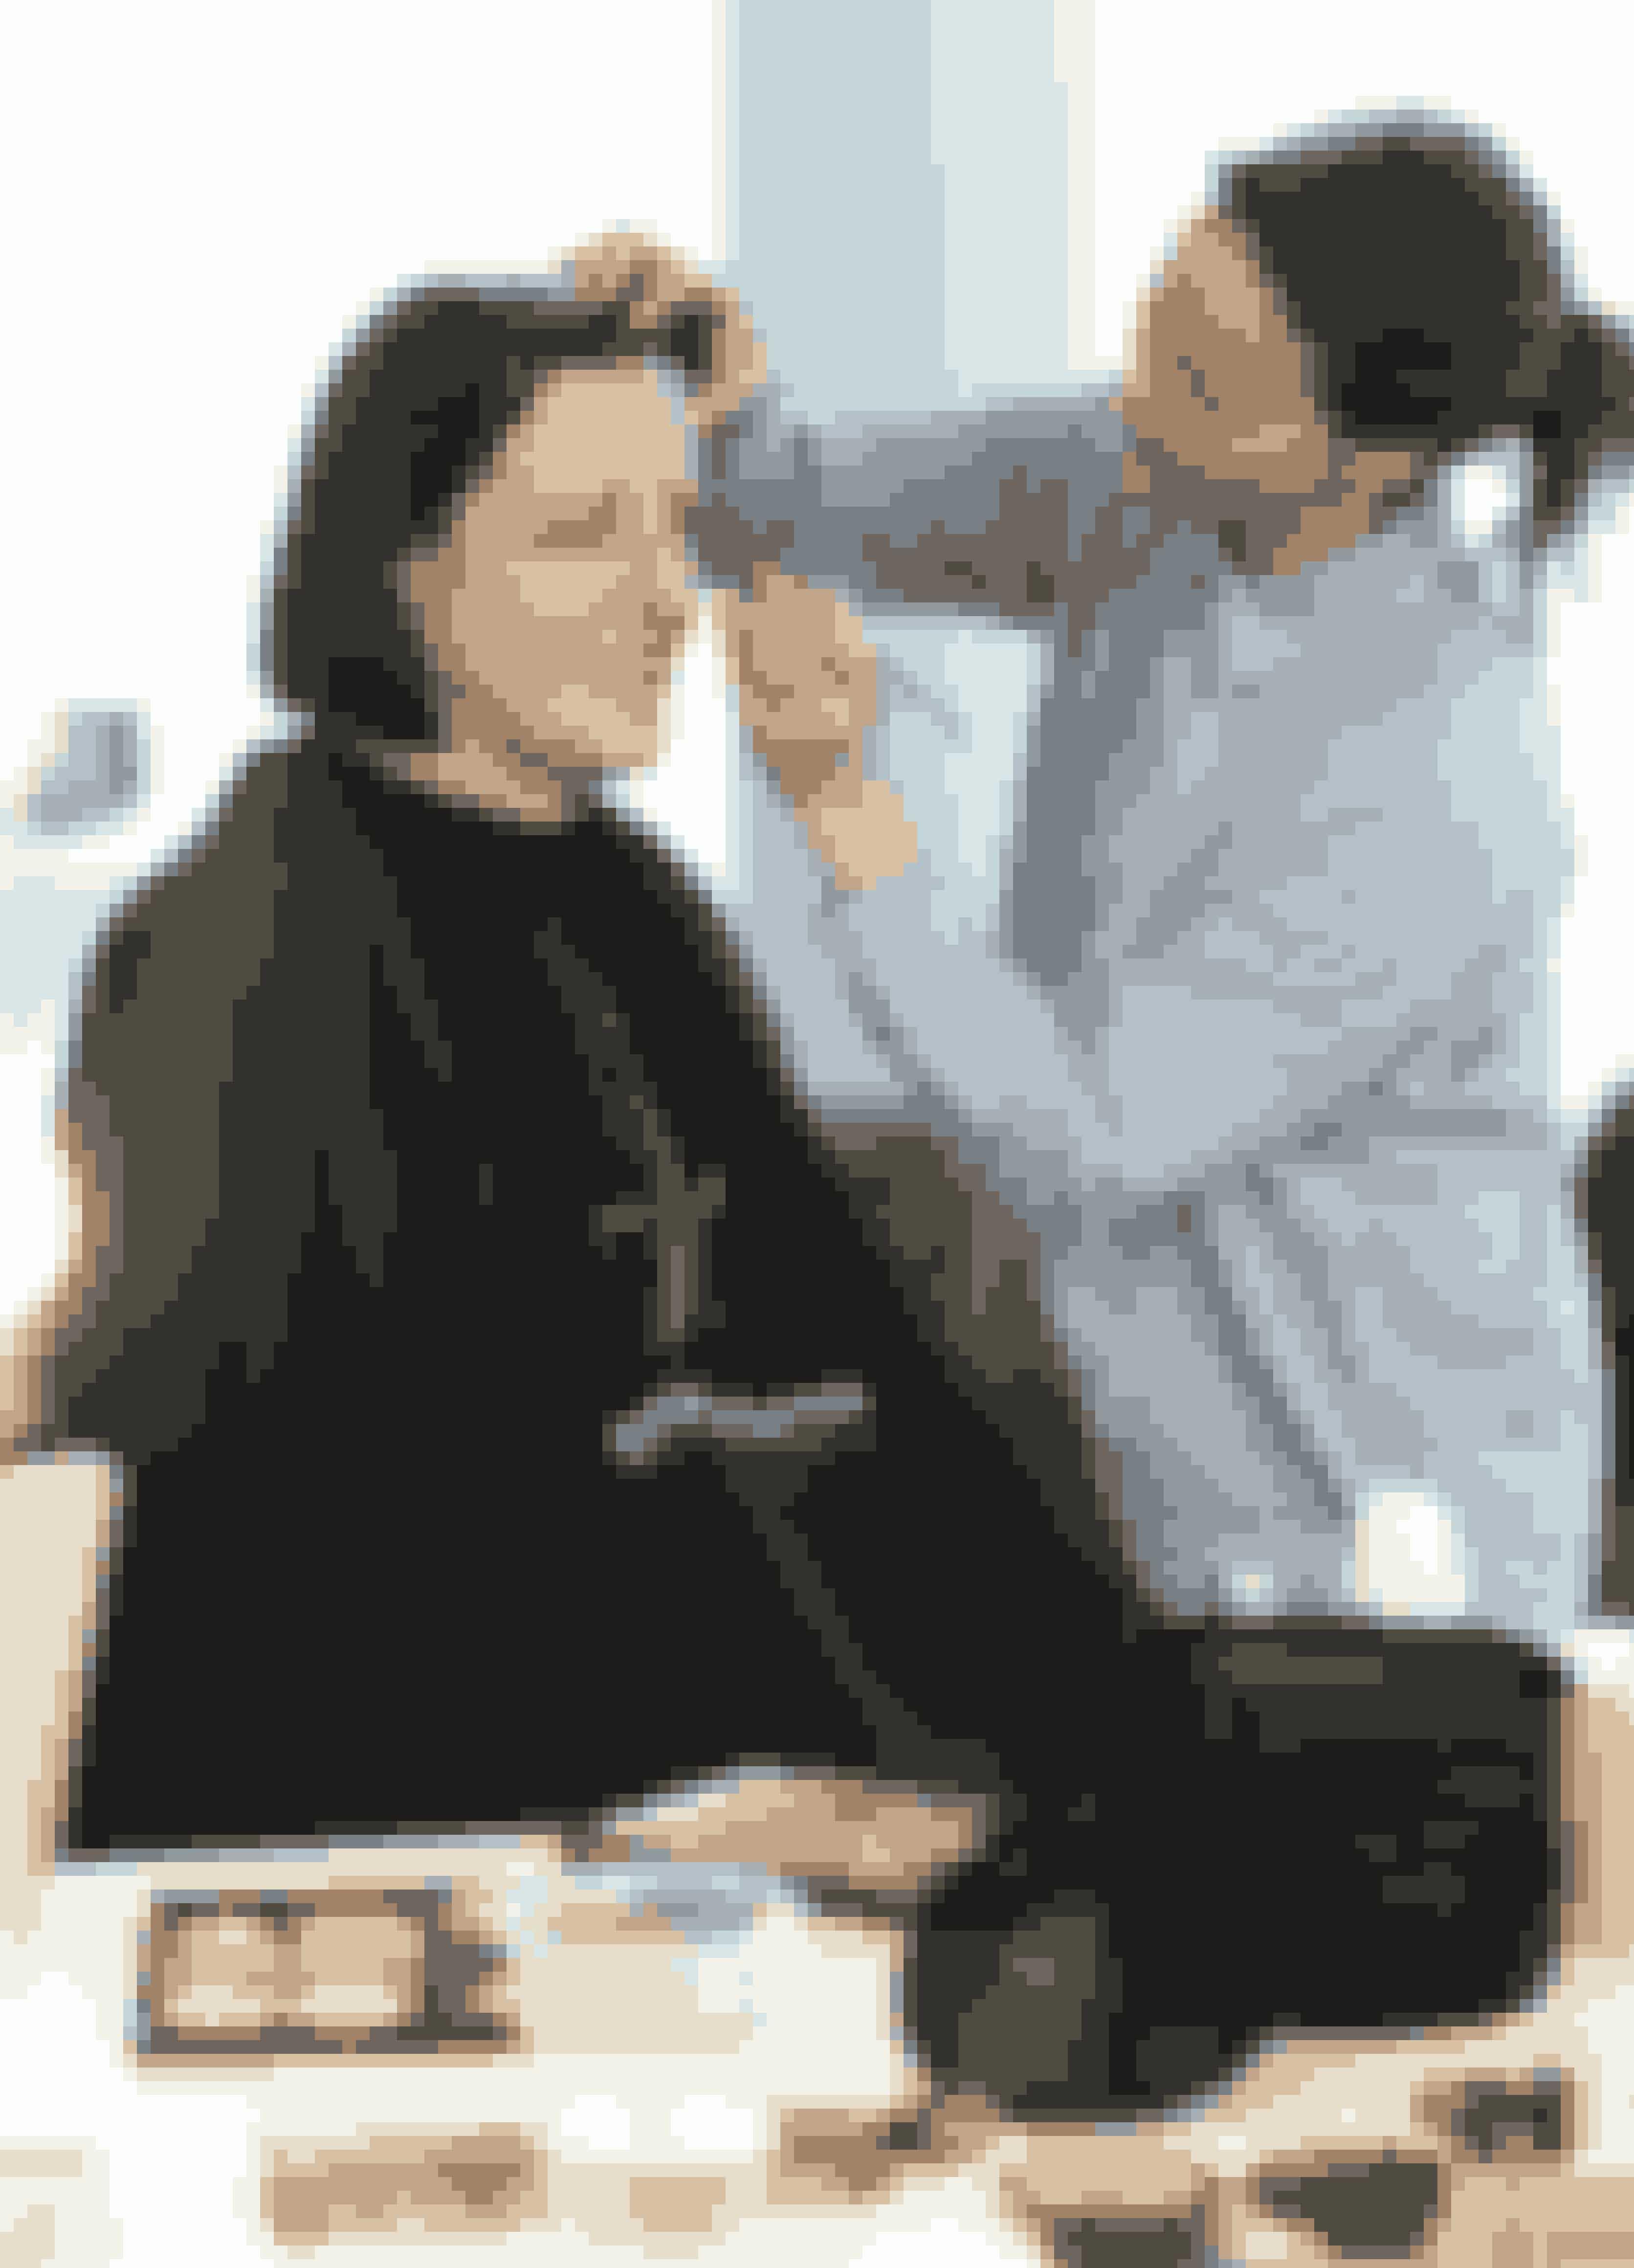 """Fordi Birgit ikke er vant til at bruge makeup til daglig, vil makeupartist Louise Trajano gerne lægge en naturlig makeup, som passer til hverdag. Hun begynder med at fugte Birgits hud med en god serum. Det gør det nemmere at lægge en jævn makeup. """"Når man begynder at få linjer, skal man ikke bruge for meget pudder og blush på huden. Det fremhæver dem kun. Derfor bruger jeg i stedet en neutral foundation på Birgits hud,"""" fortæller Louise."""